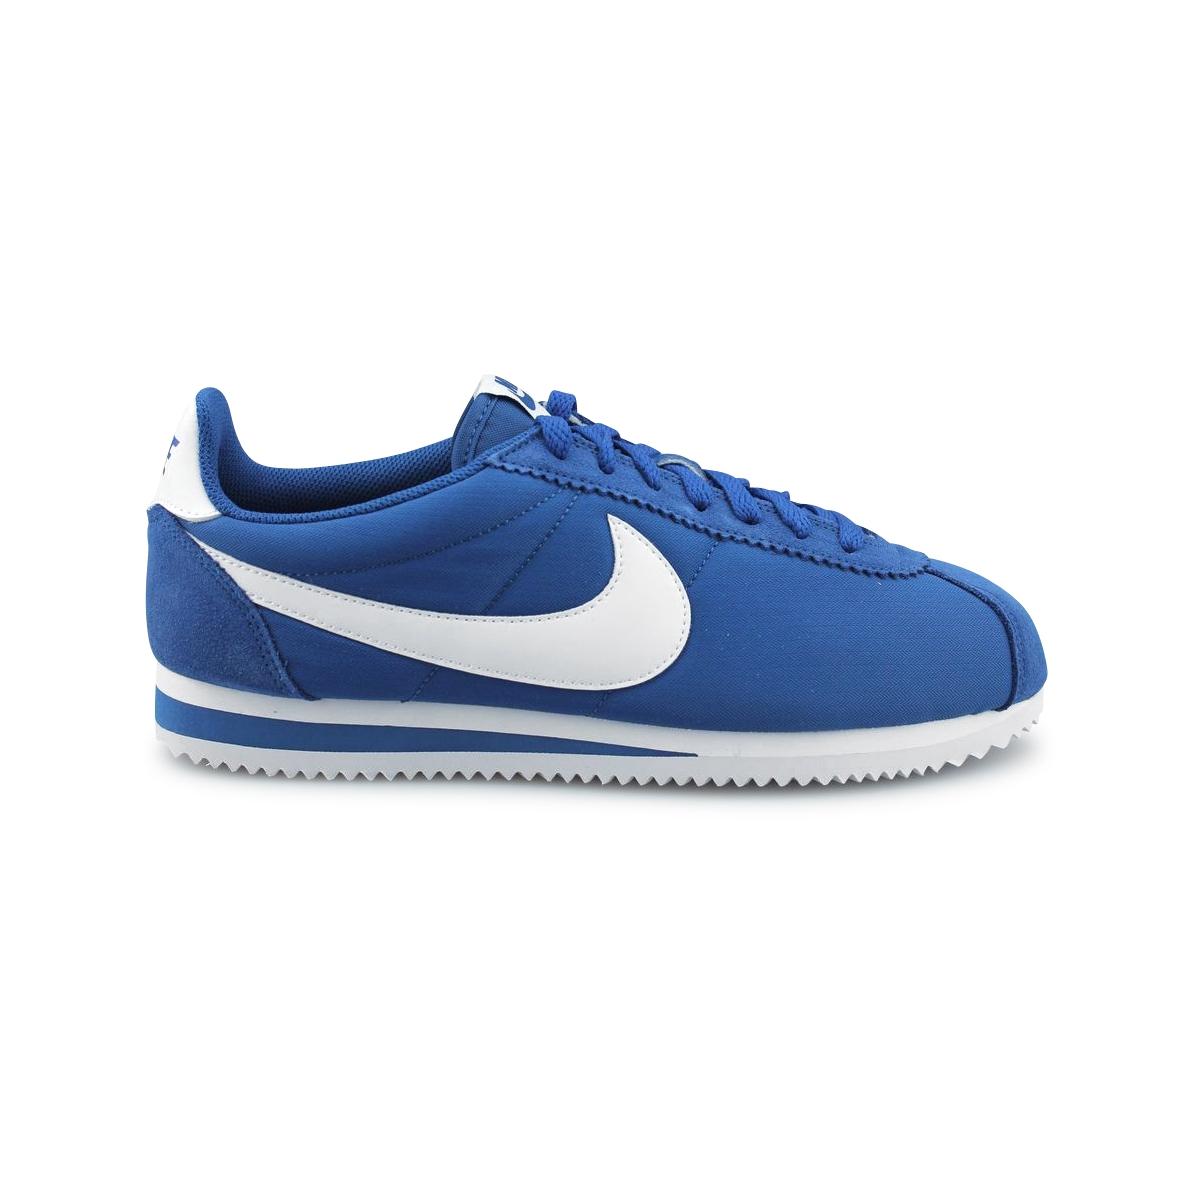 Classic Bleu Nike Cortez Nylon 406 807472 FJuKc5Tl13